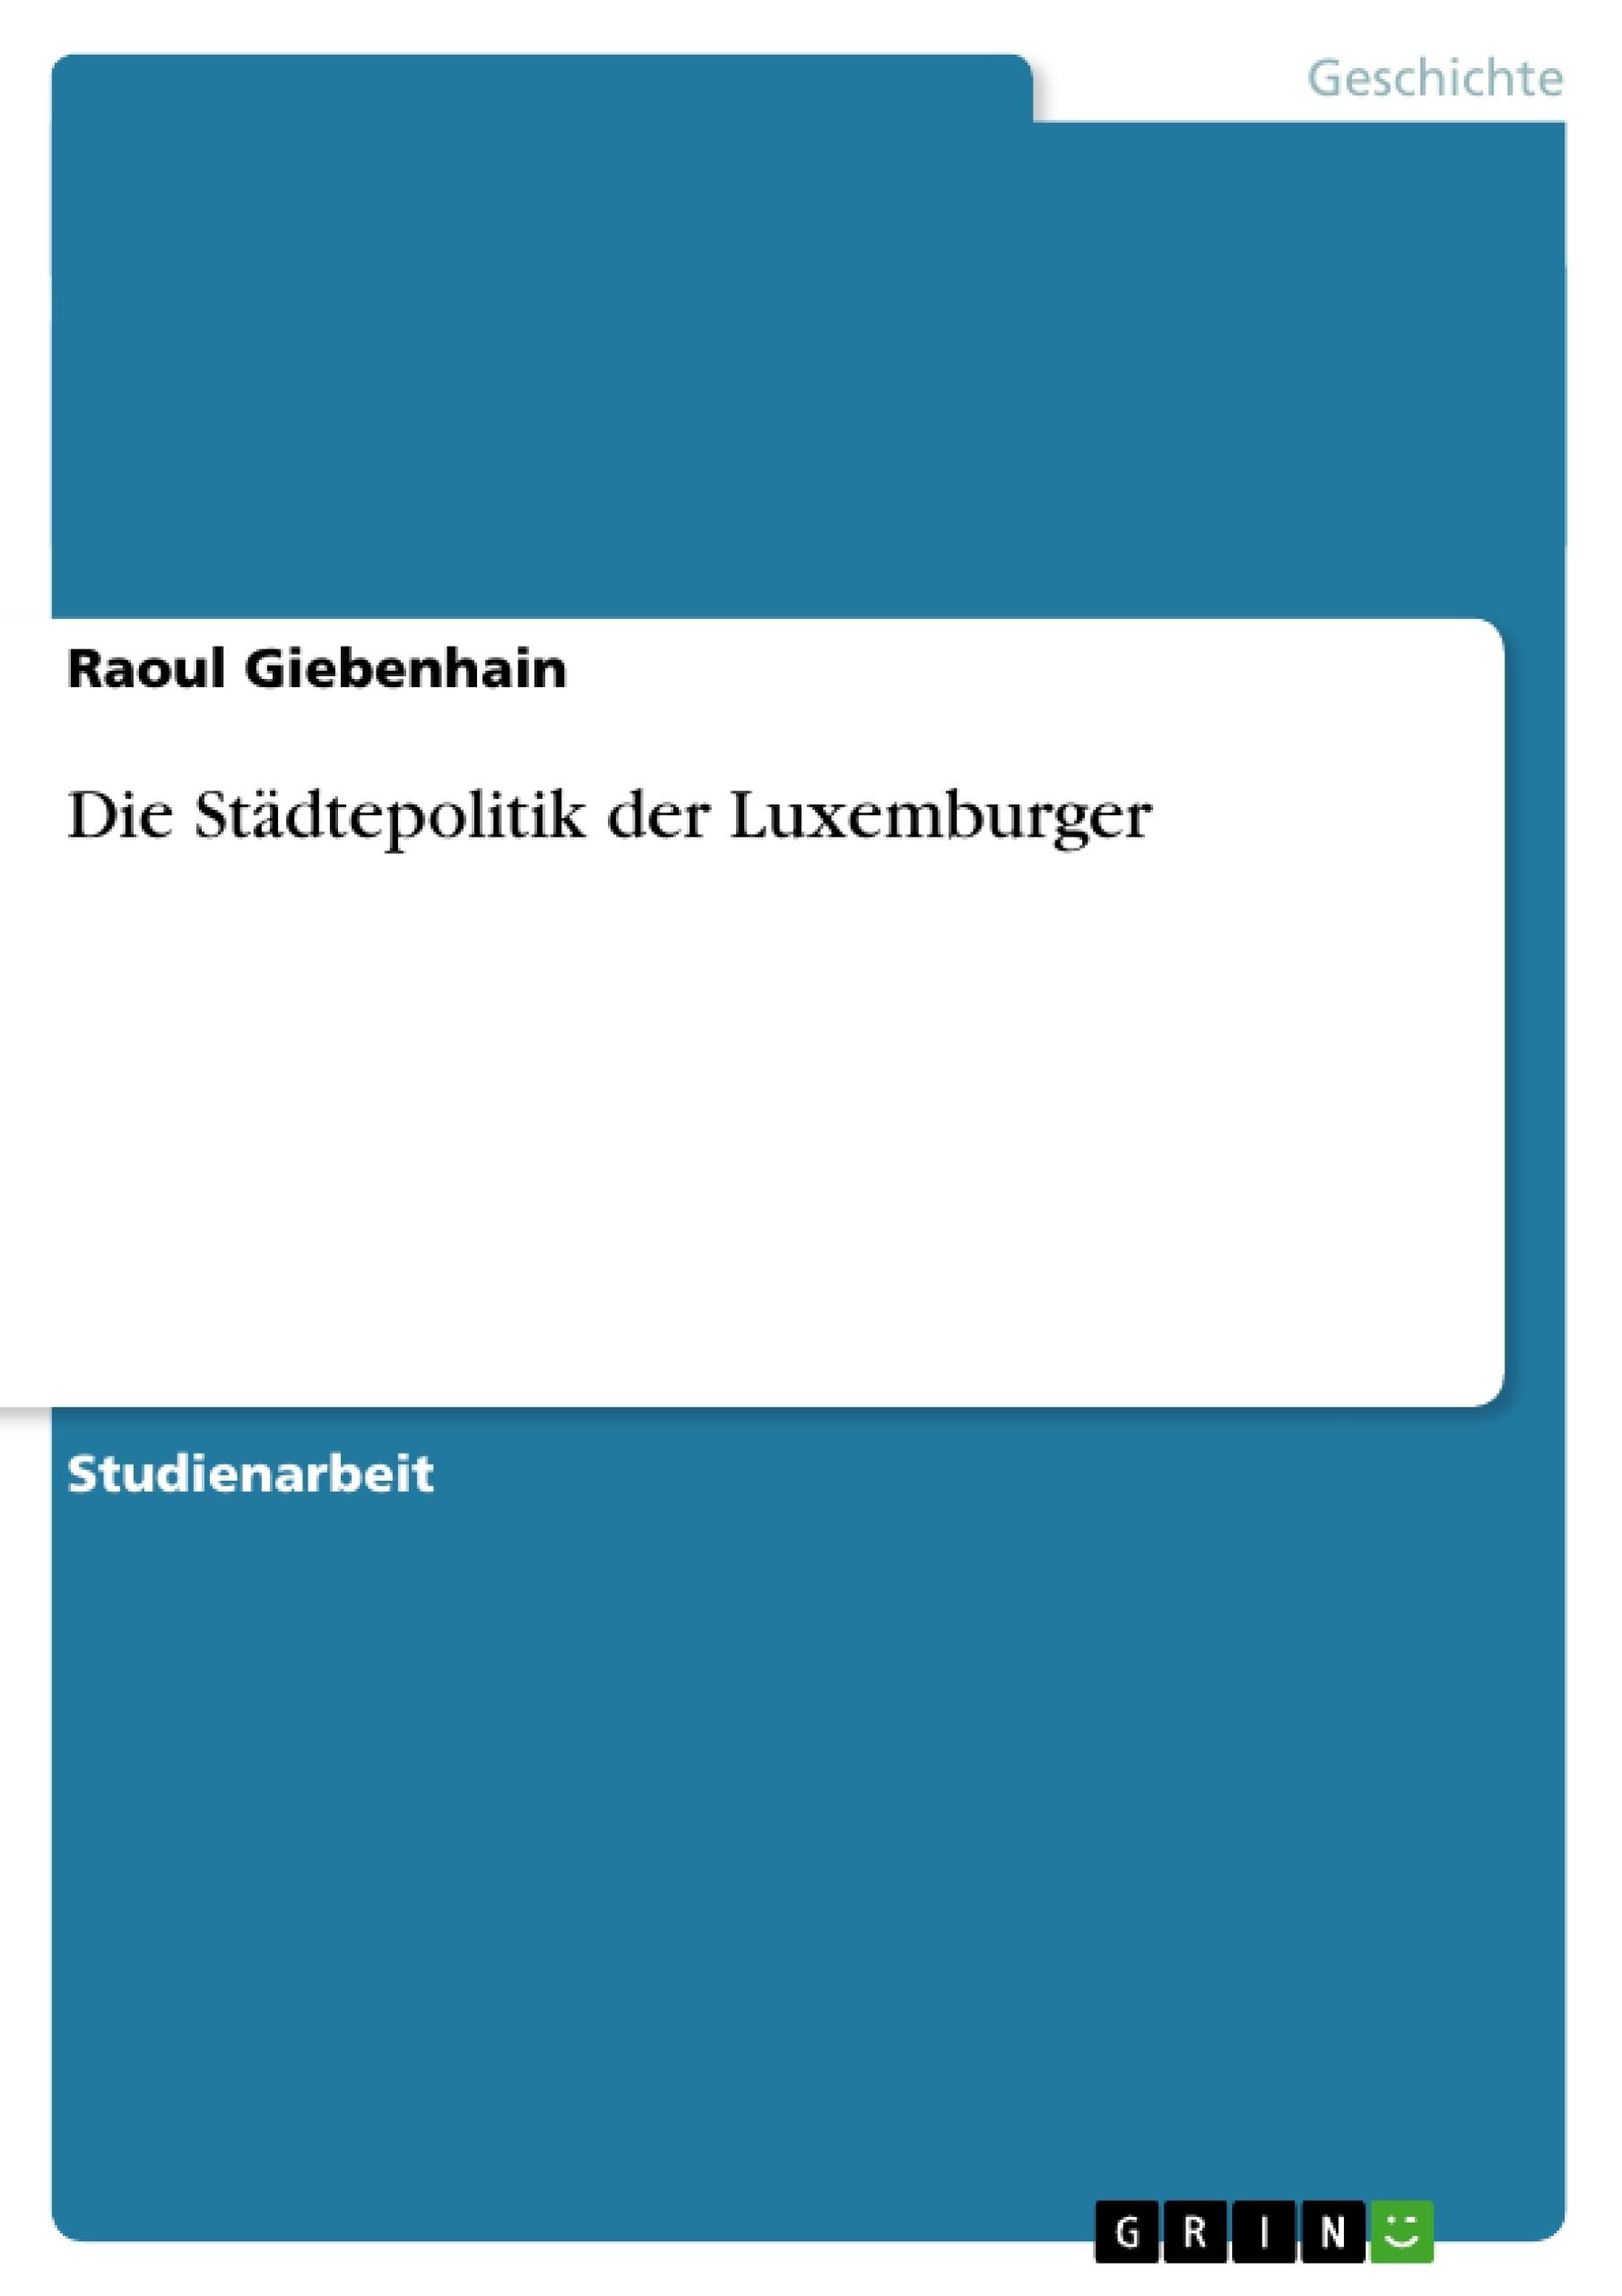 Titel: Die Städtepolitik der Luxemburger